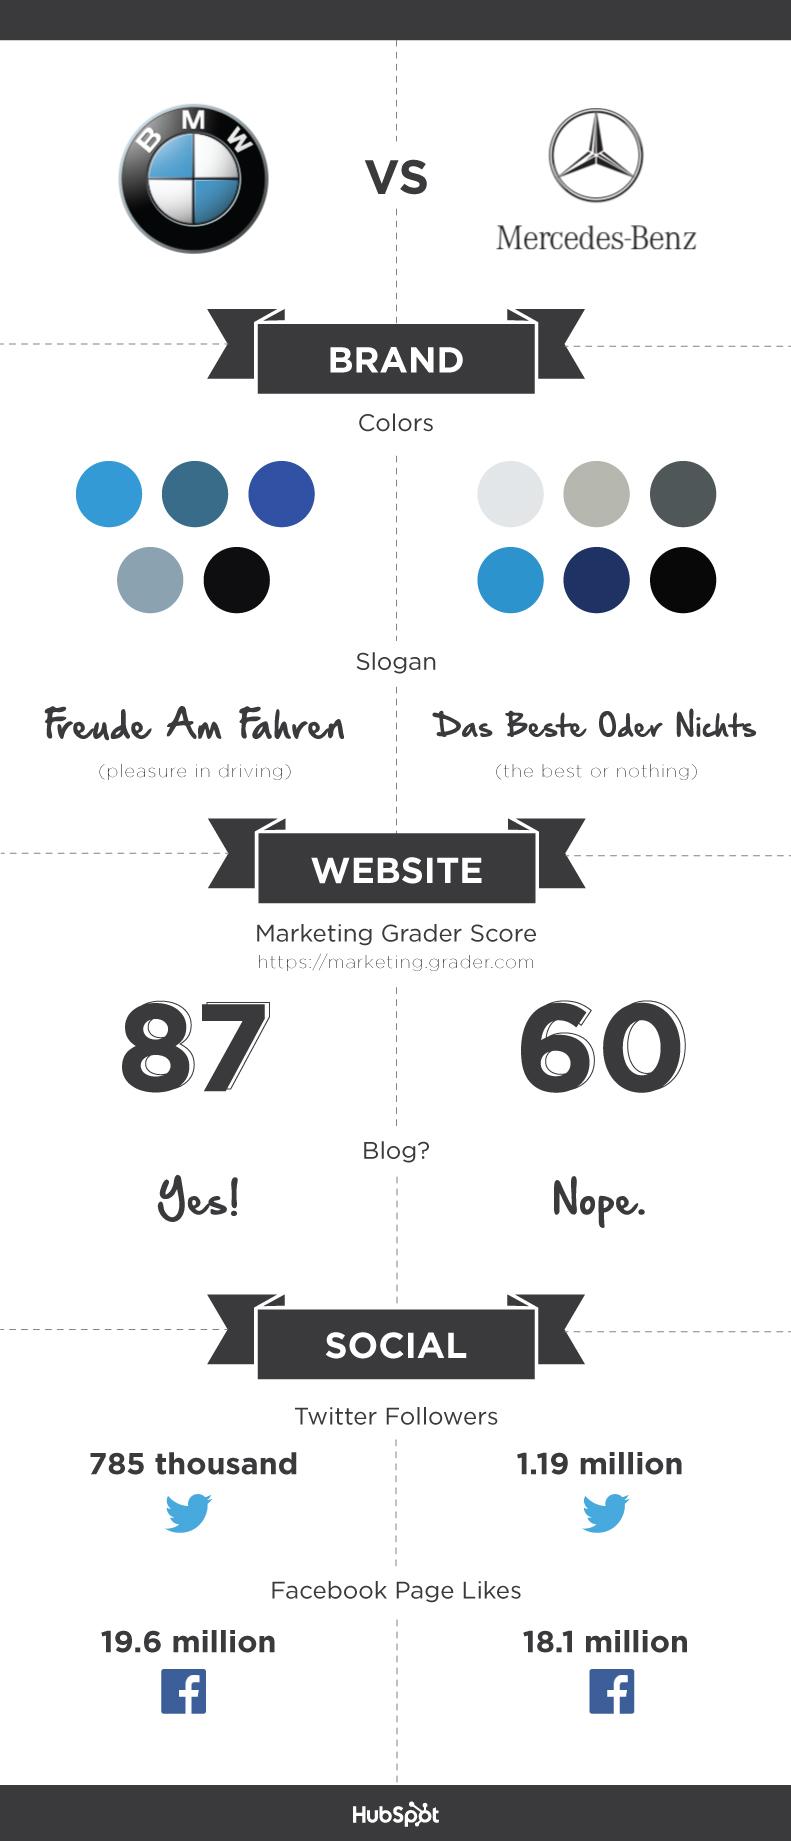 hubspot-battle-of-the-brands-bmw-vs-mercedes